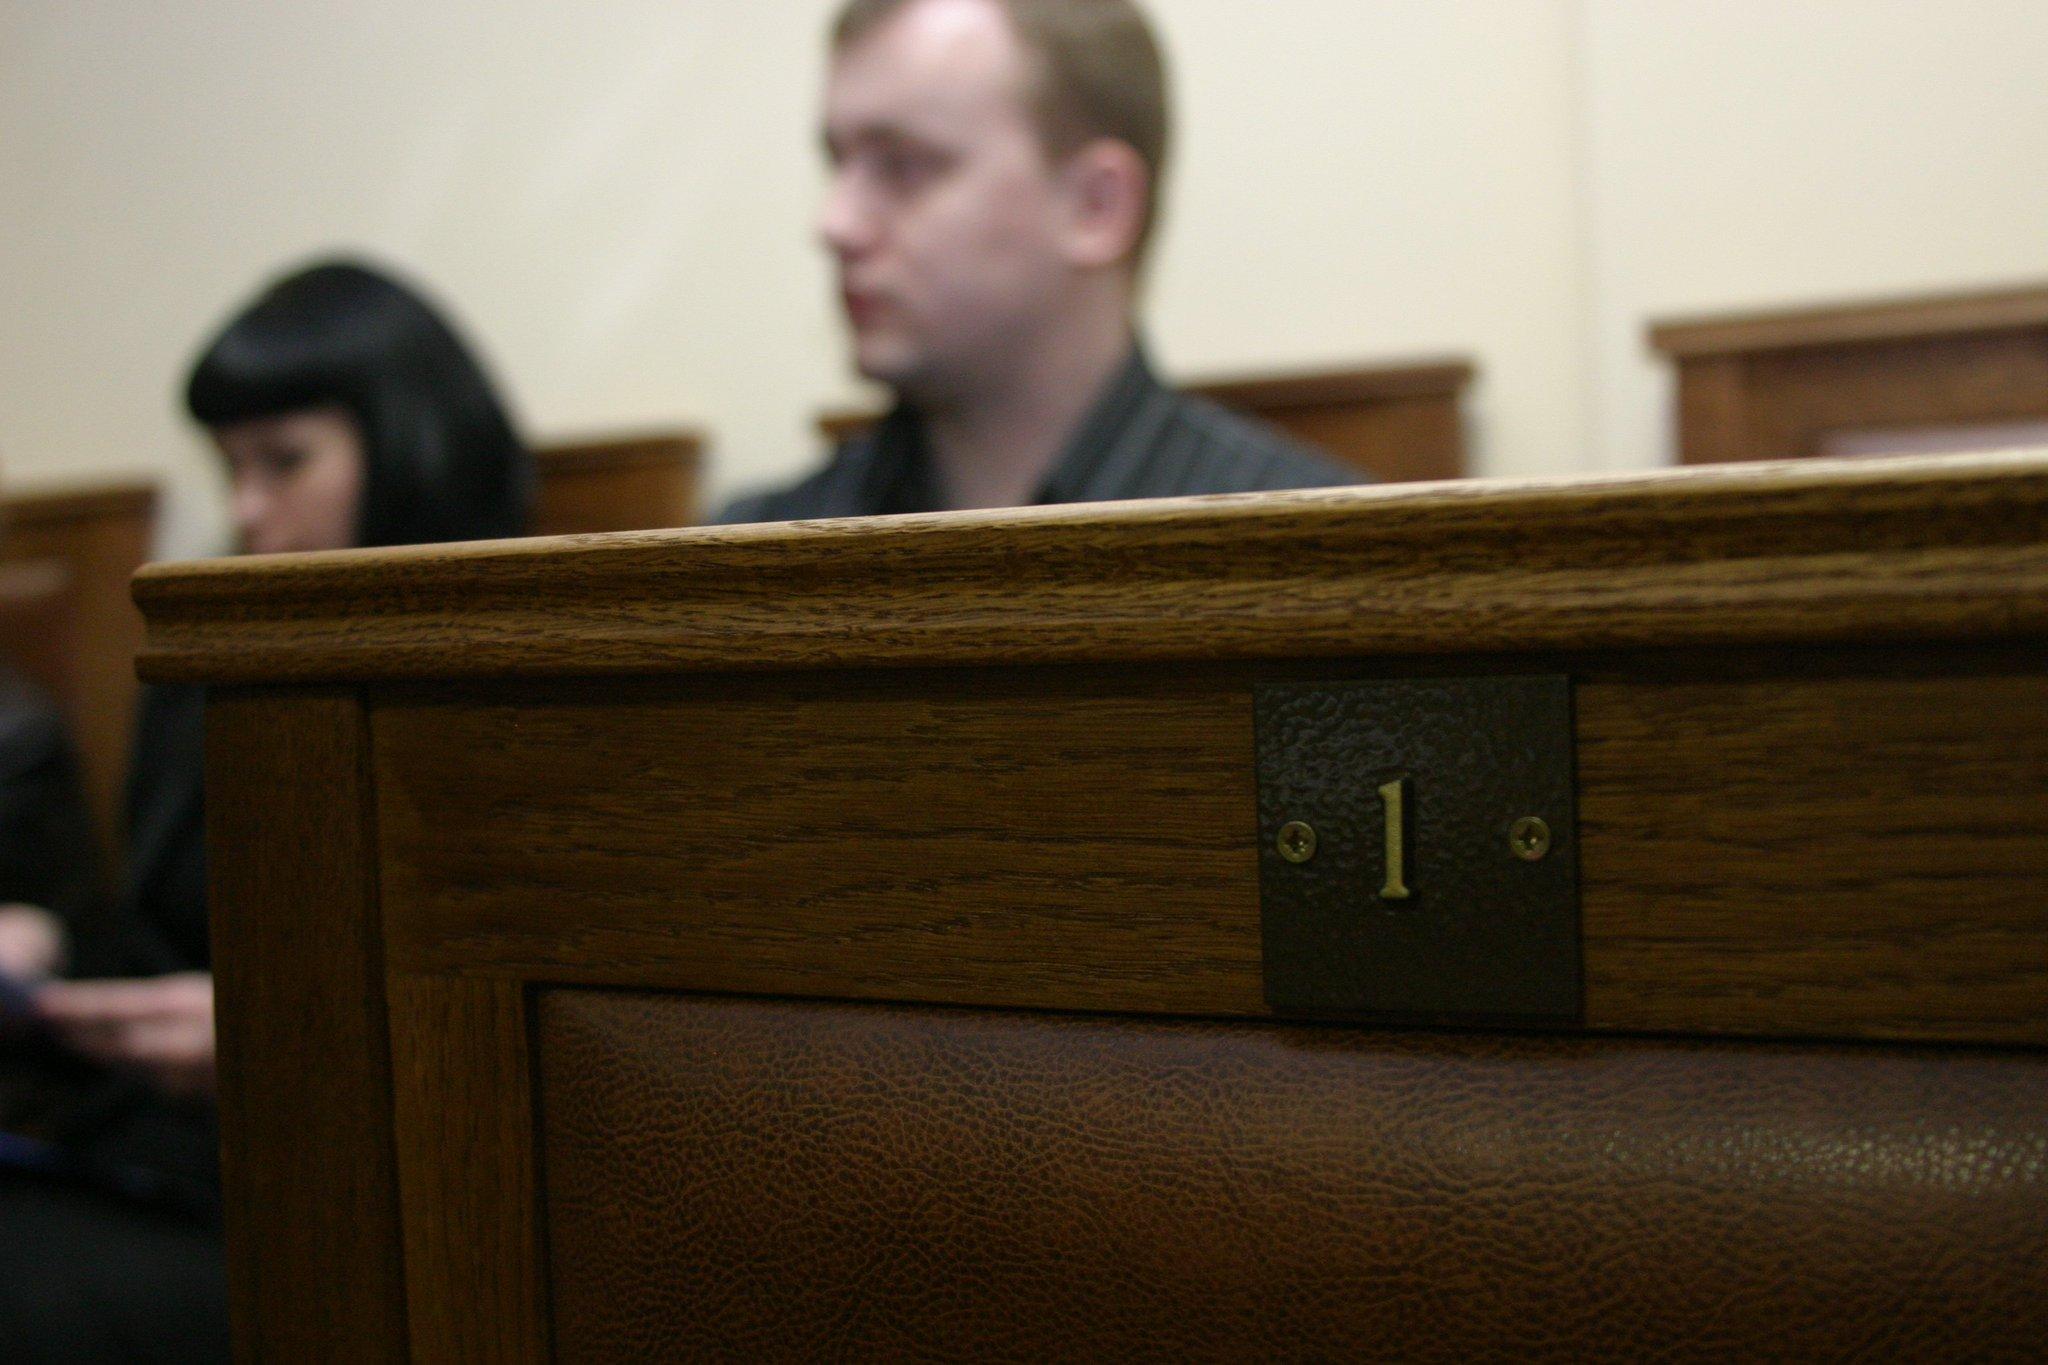 гаштайн универсальный присяжный заседатель удостоверение фото днем